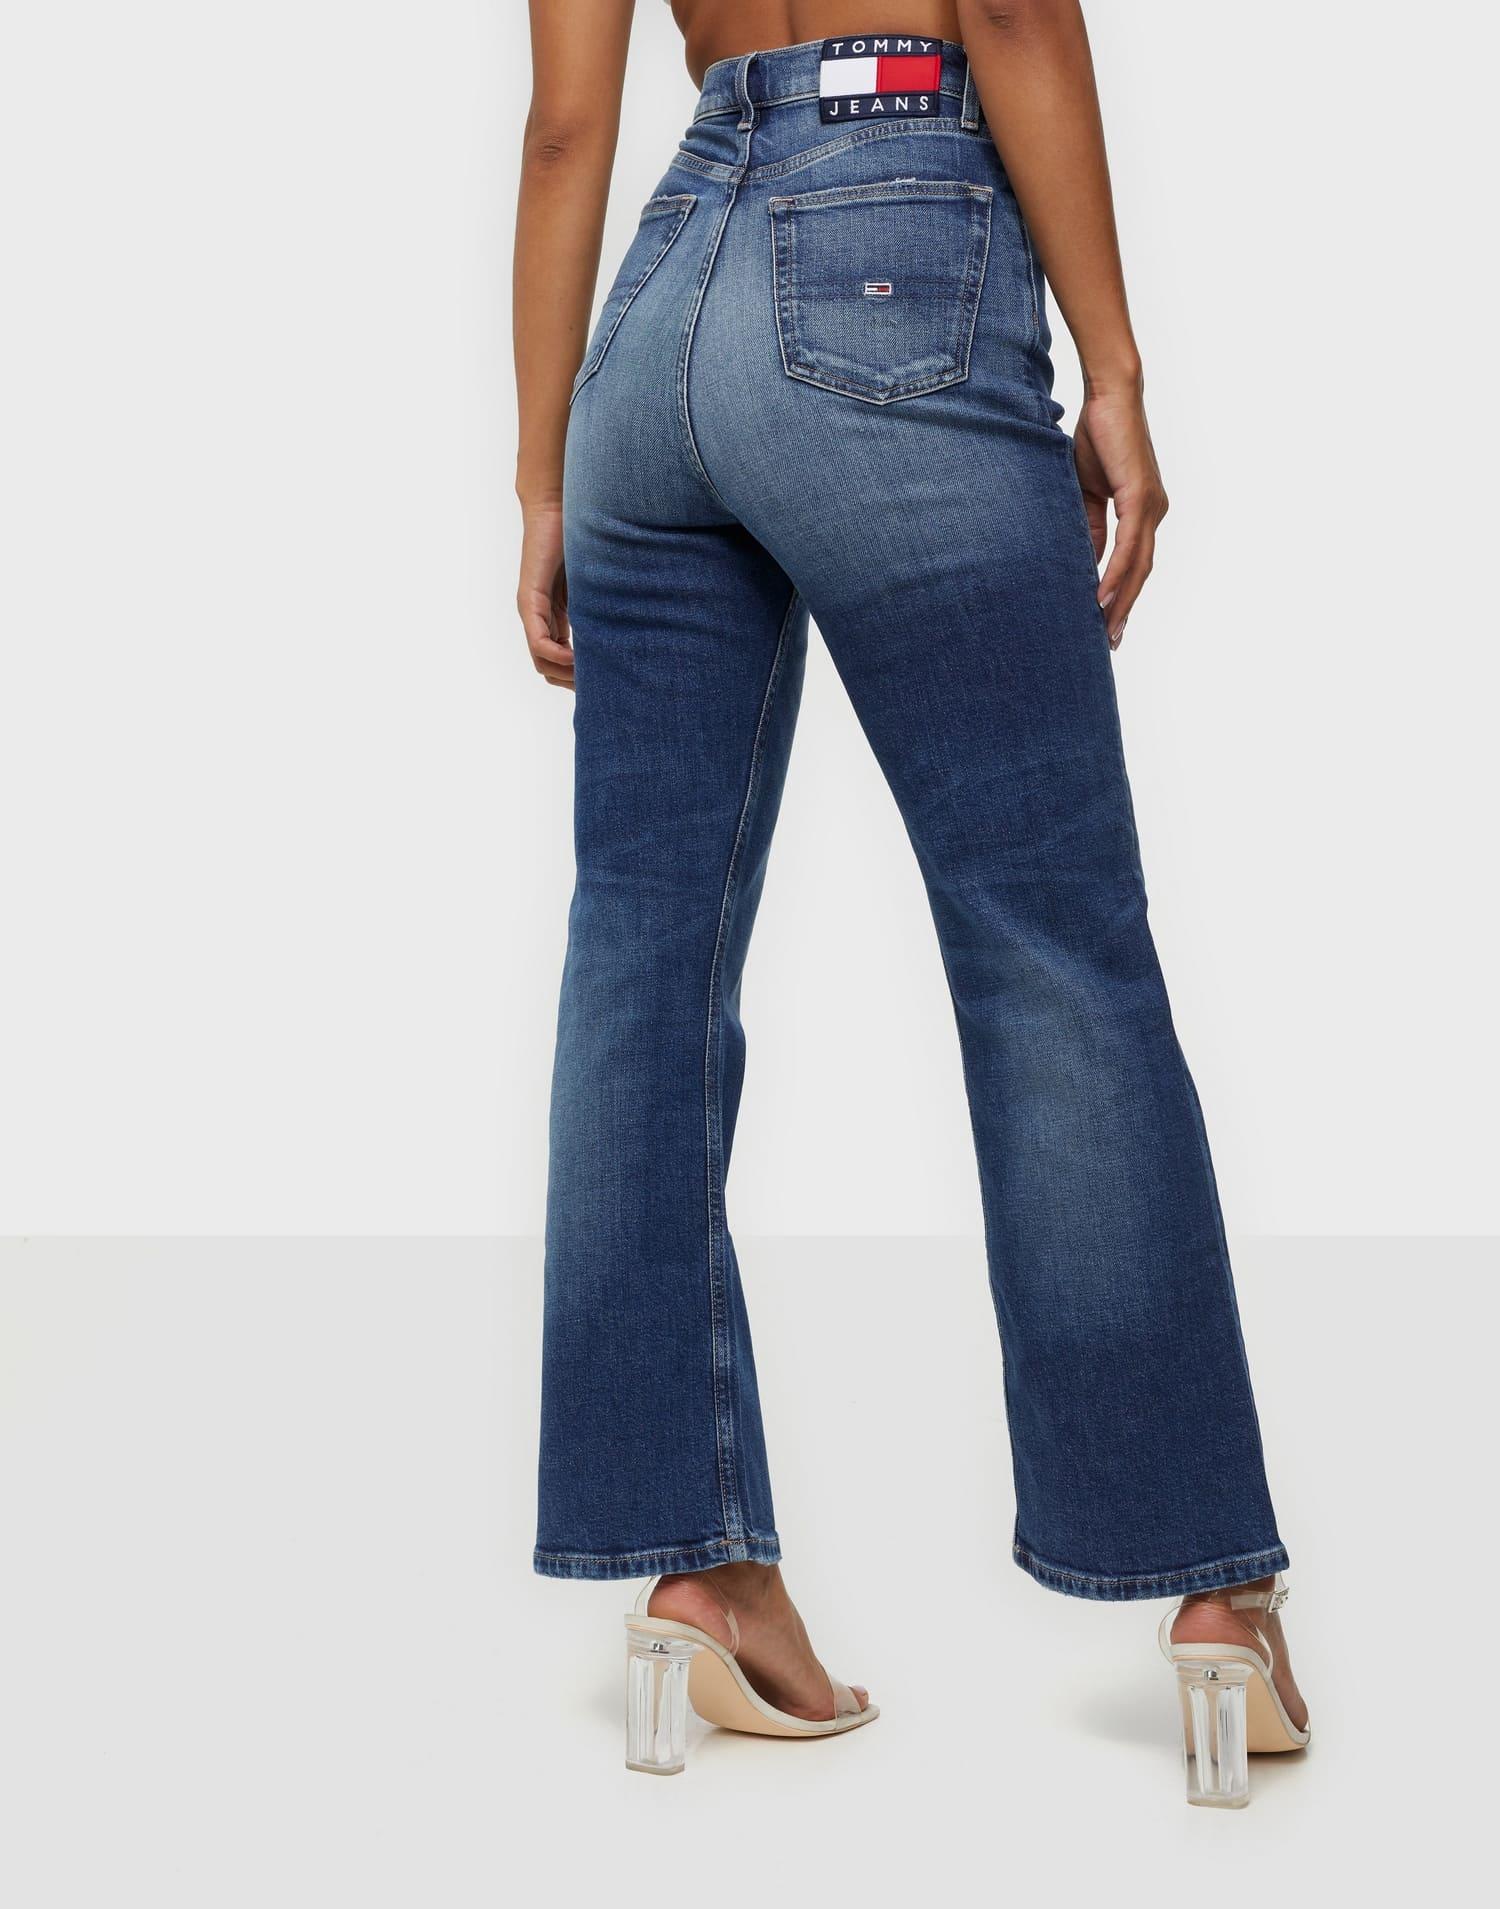 Jeans från Tommy Jeans i högmidjad modell